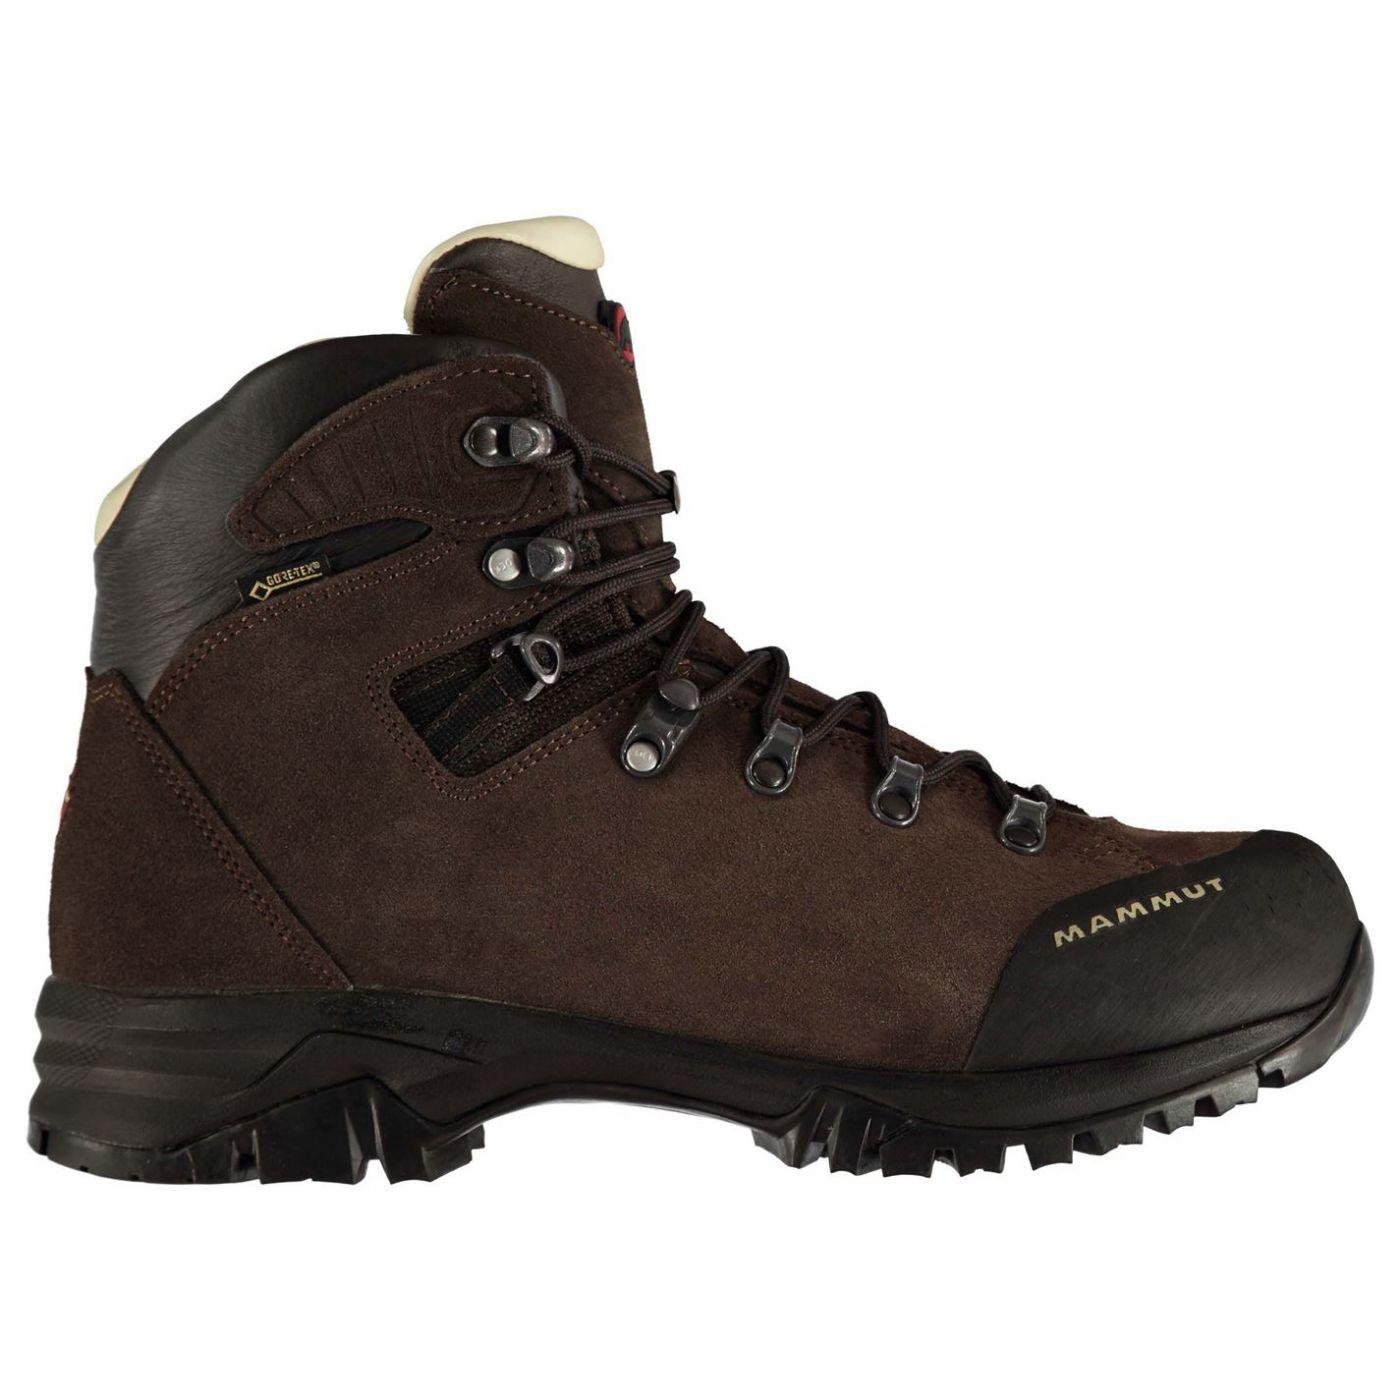 Mammut Trovat Guide High GTX Hiking Boots